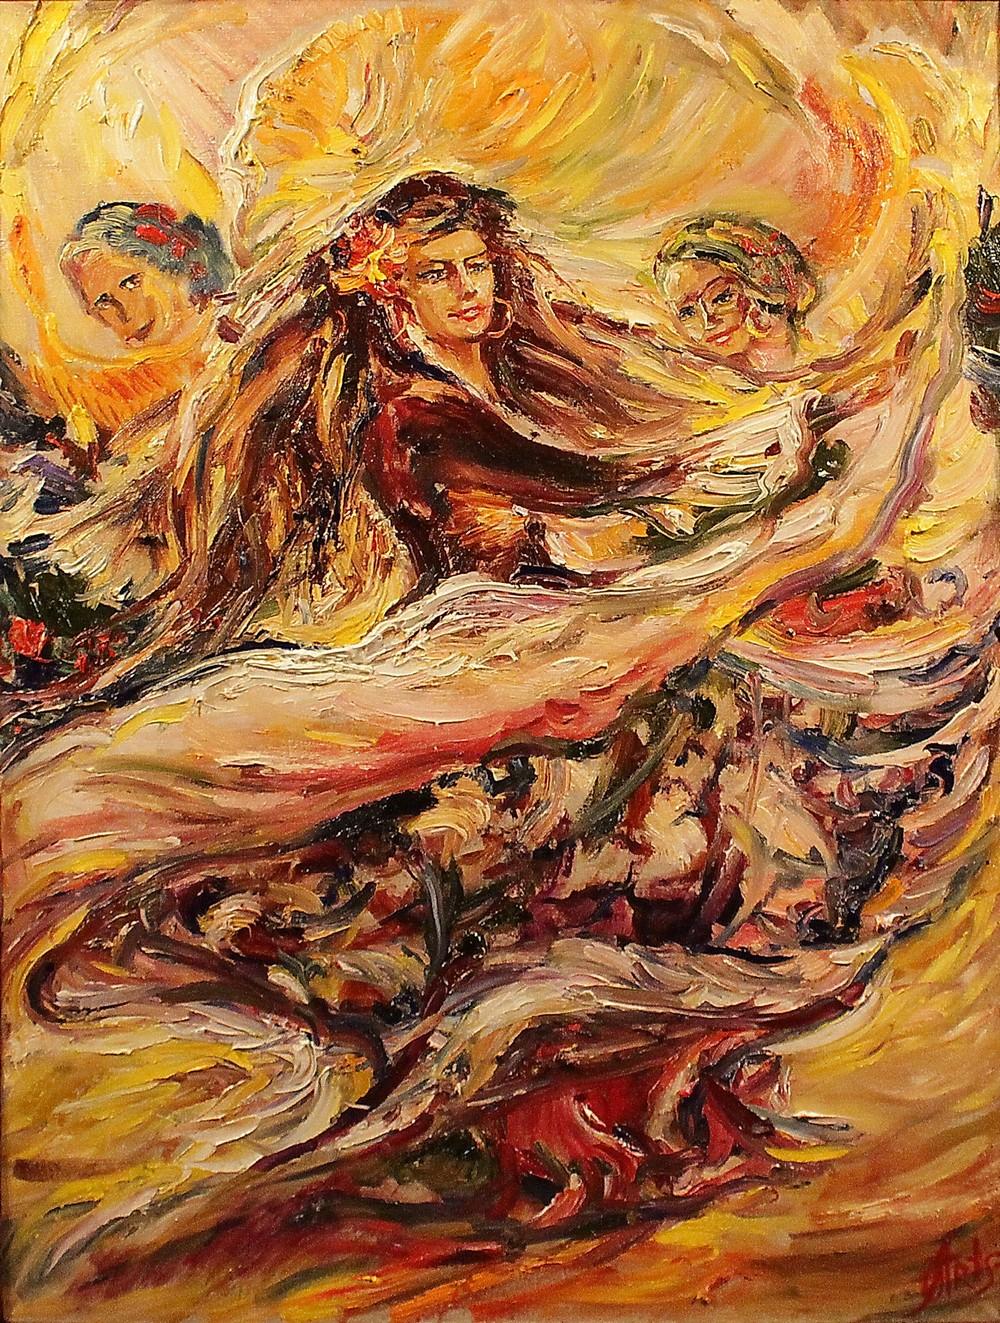 1 Огненный танец, 2011 г., холст, масло, 90х70